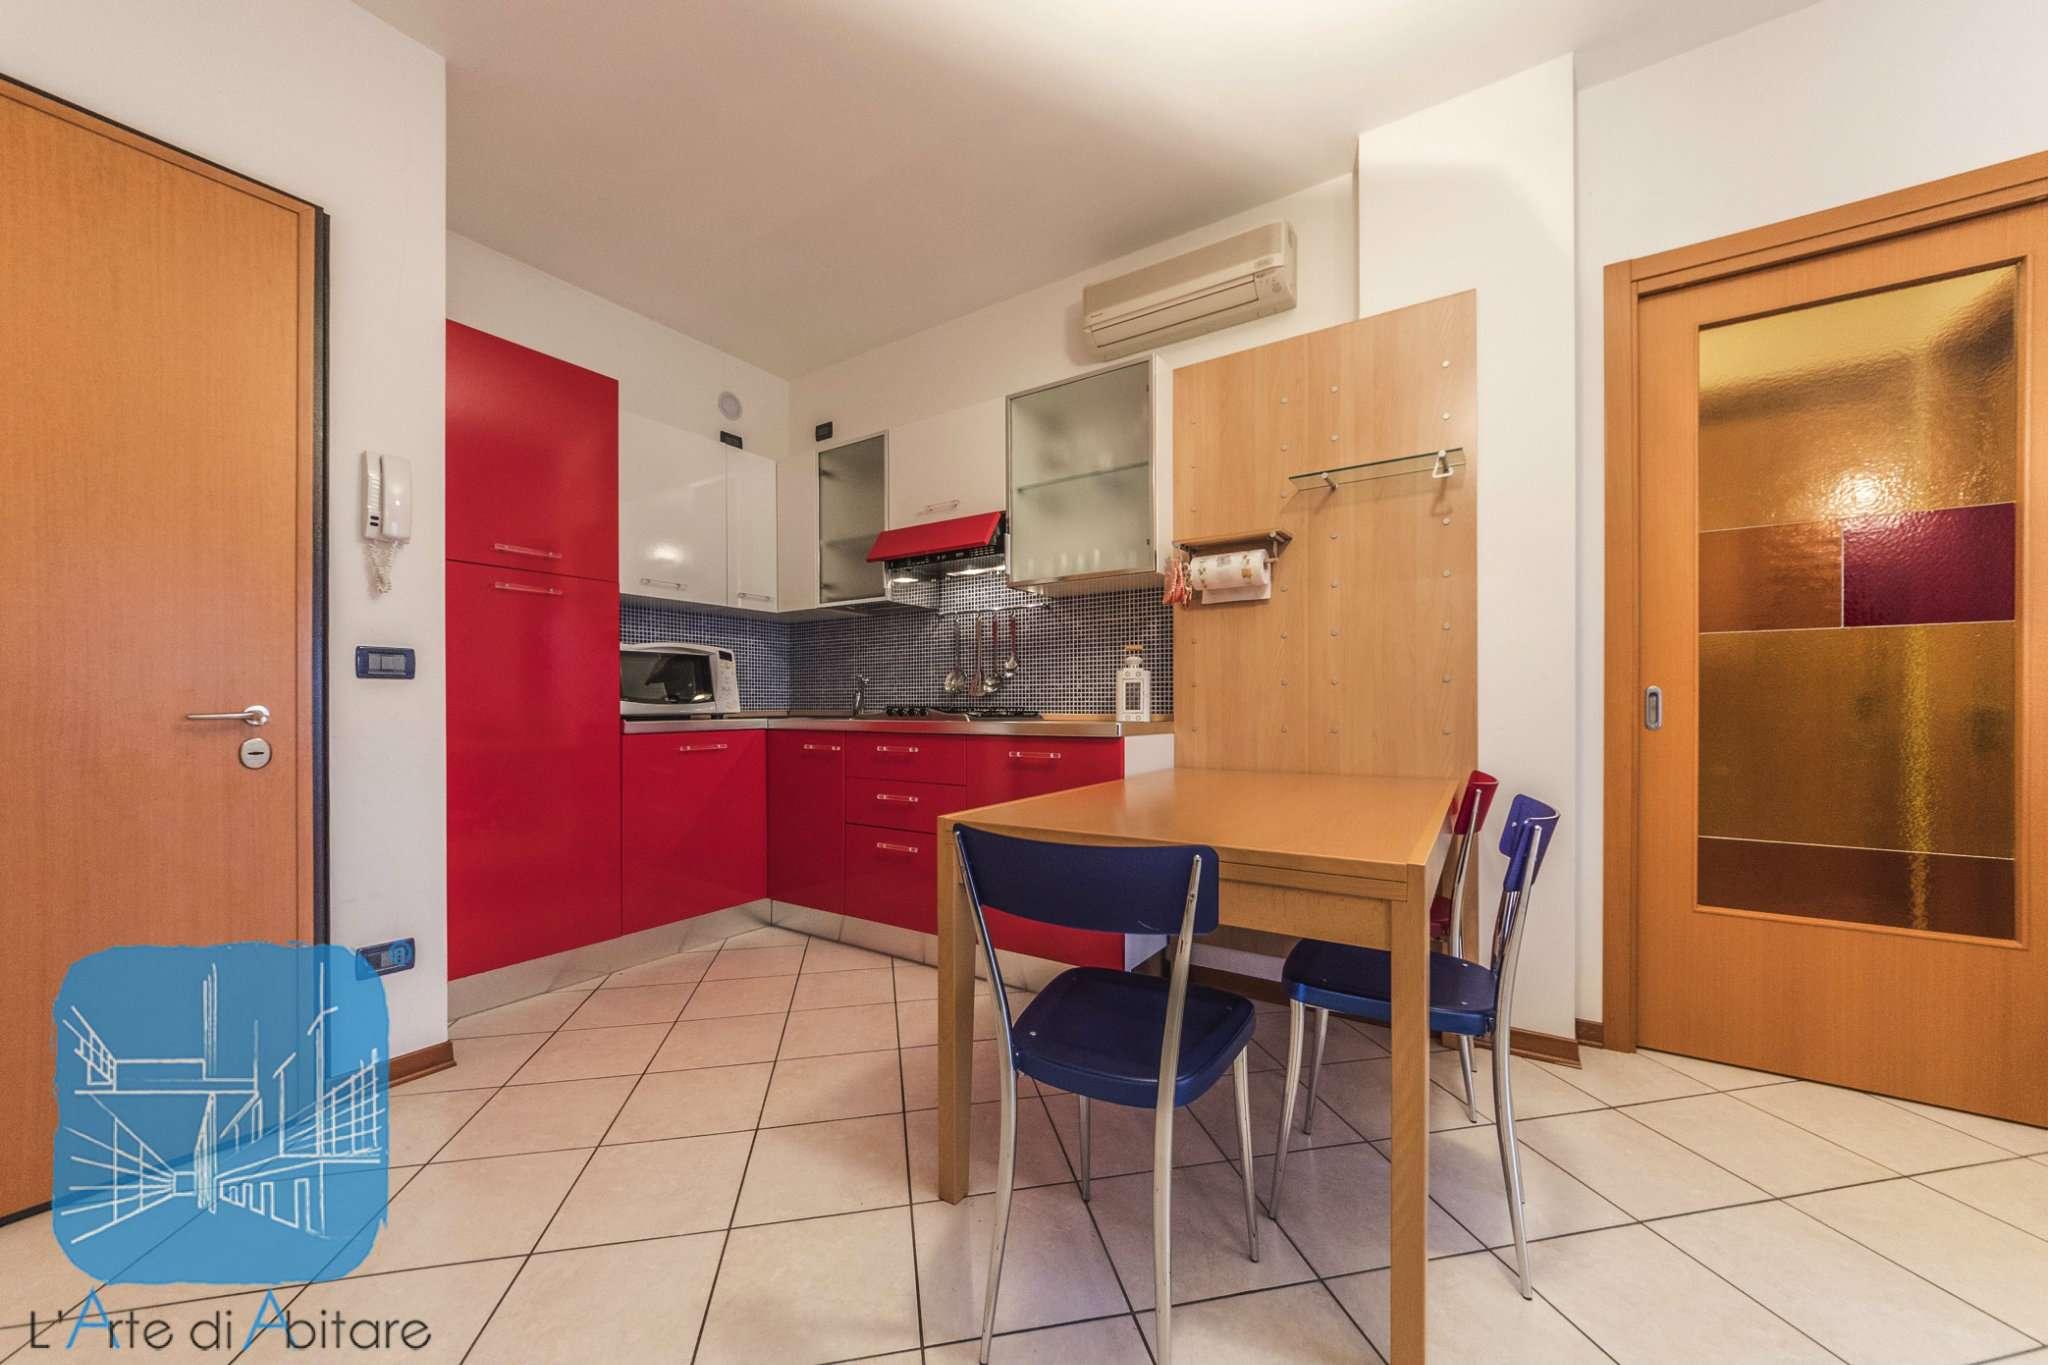 Appartamento in vendita a Caorle, 9999 locali, prezzo € 215.000   Cambio Casa.it